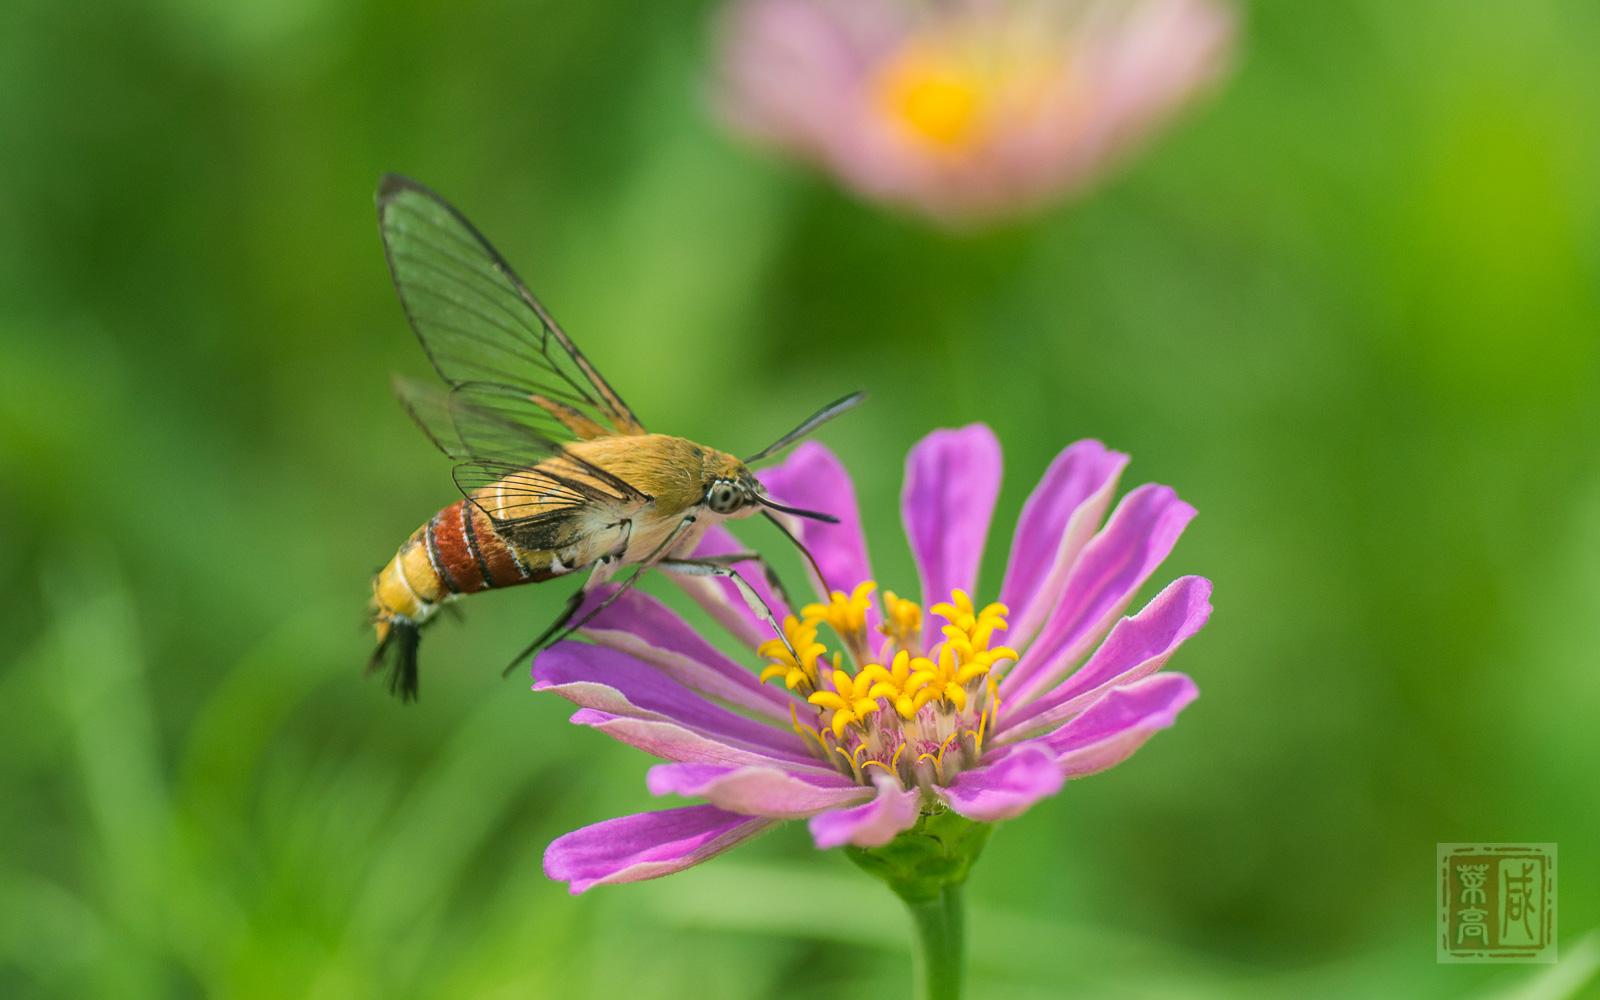 花与蛾-6.jpg